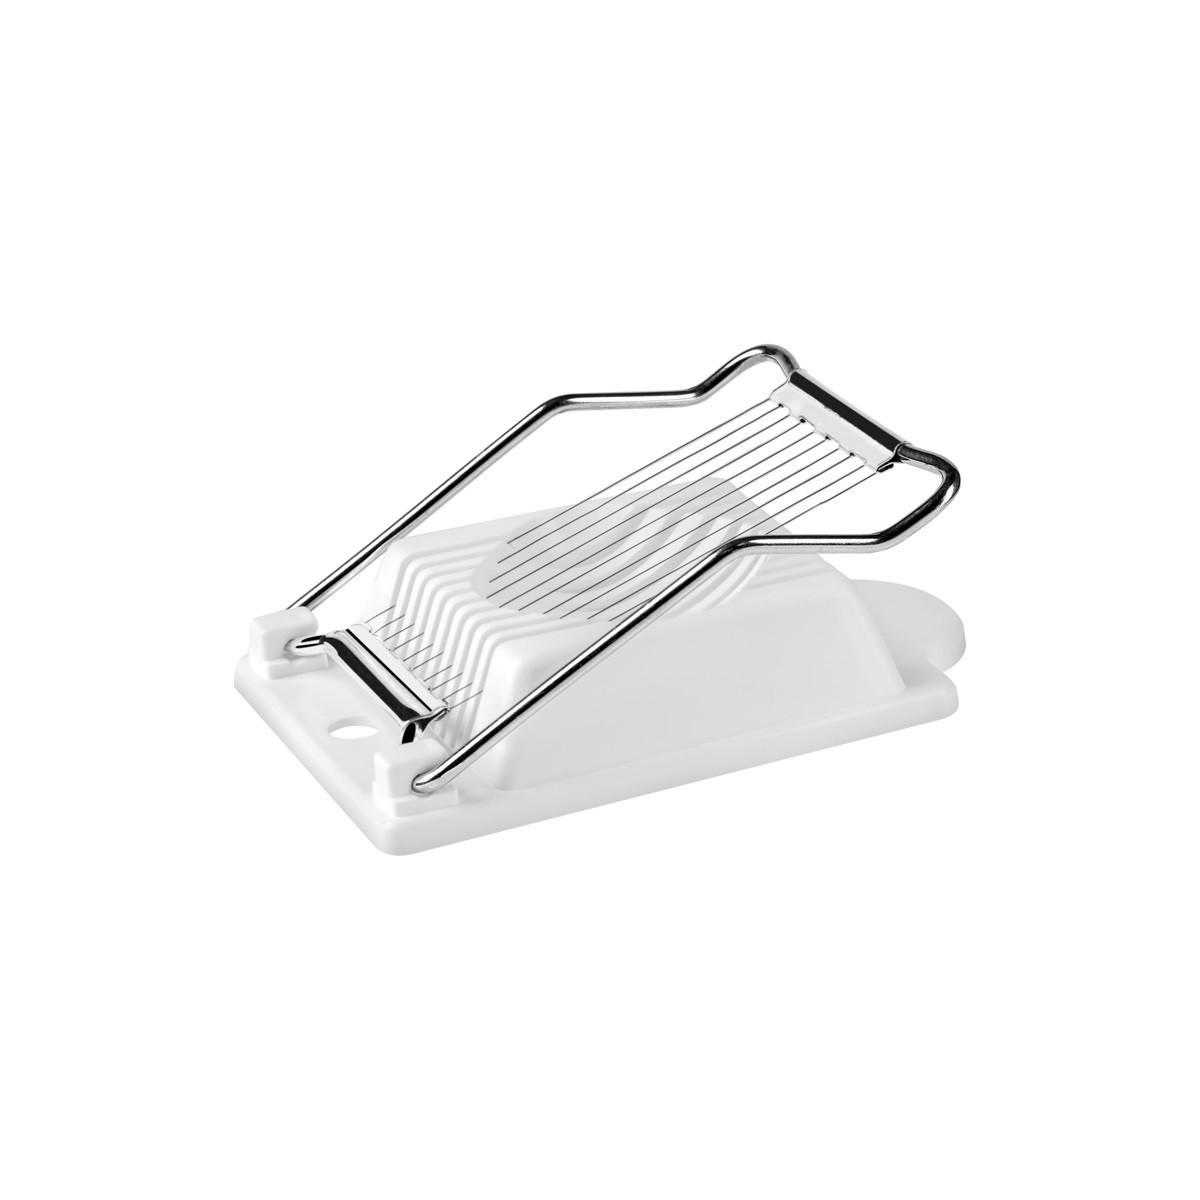 Fatiador de Ovos Tramontina Utilitá em Aço Inox e Polipropileno Branco  Tramontina 25029180